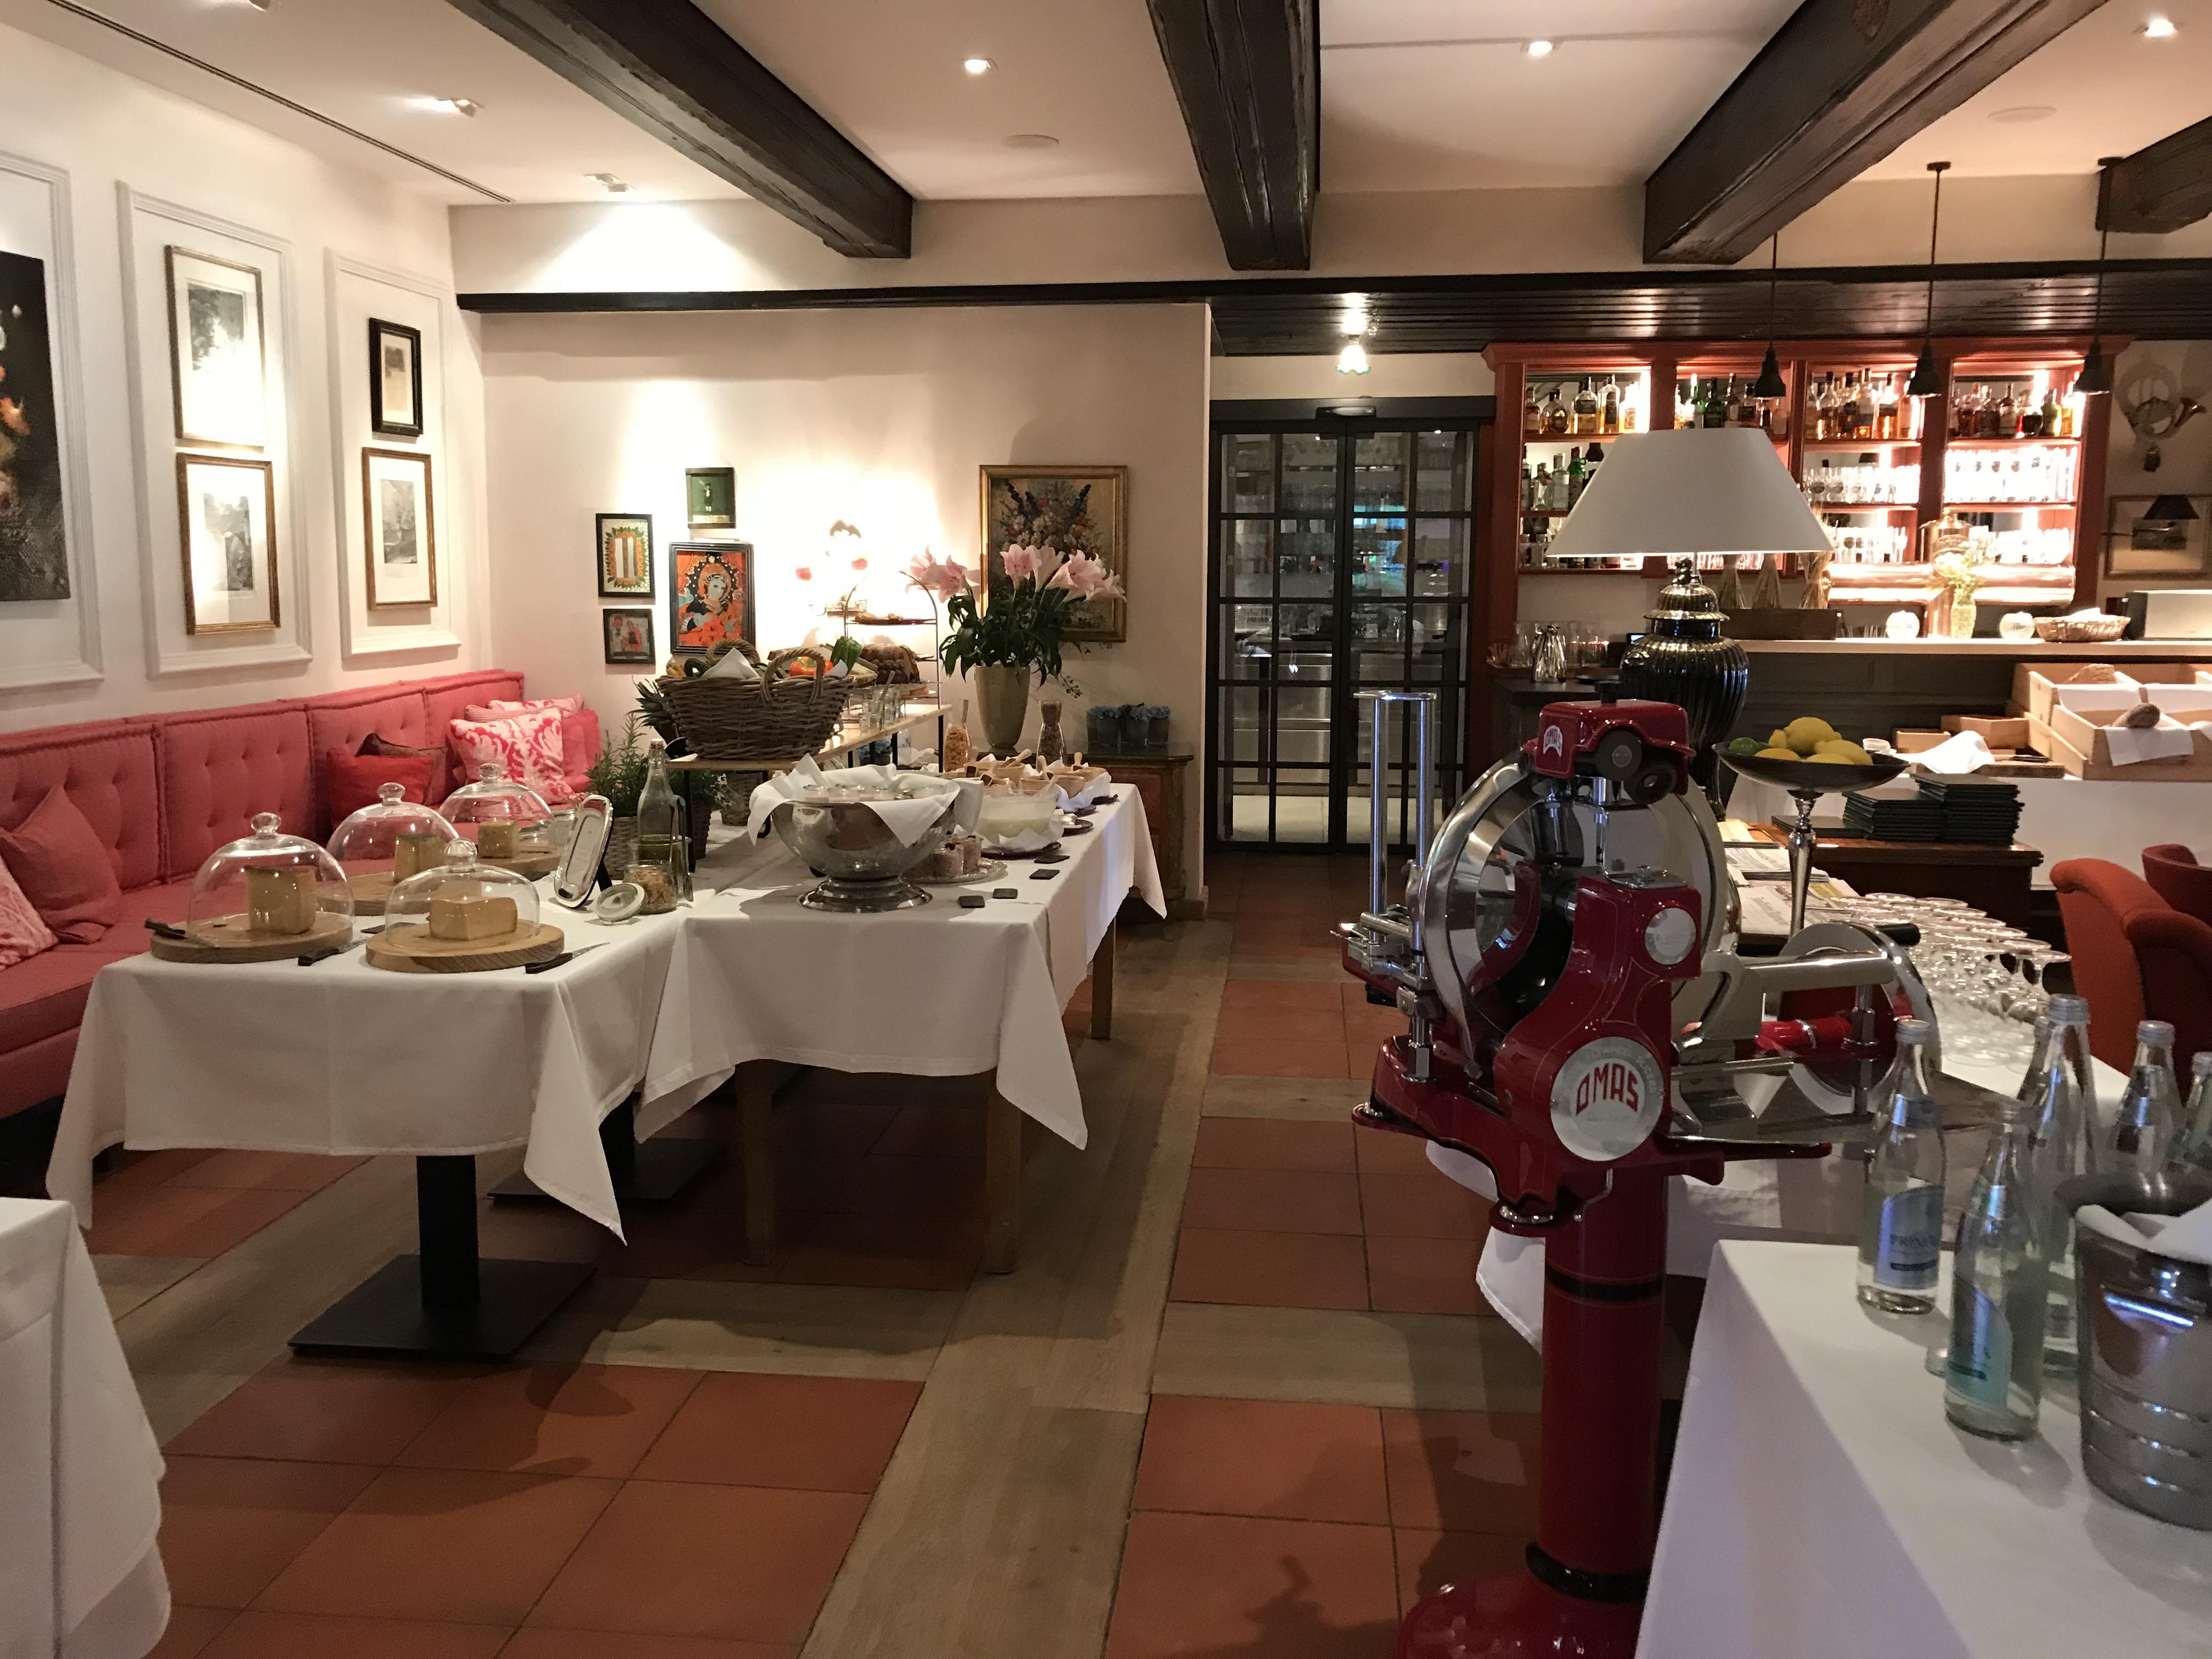 Brauereigasthof Hotel Aying Frühstücksbuffett